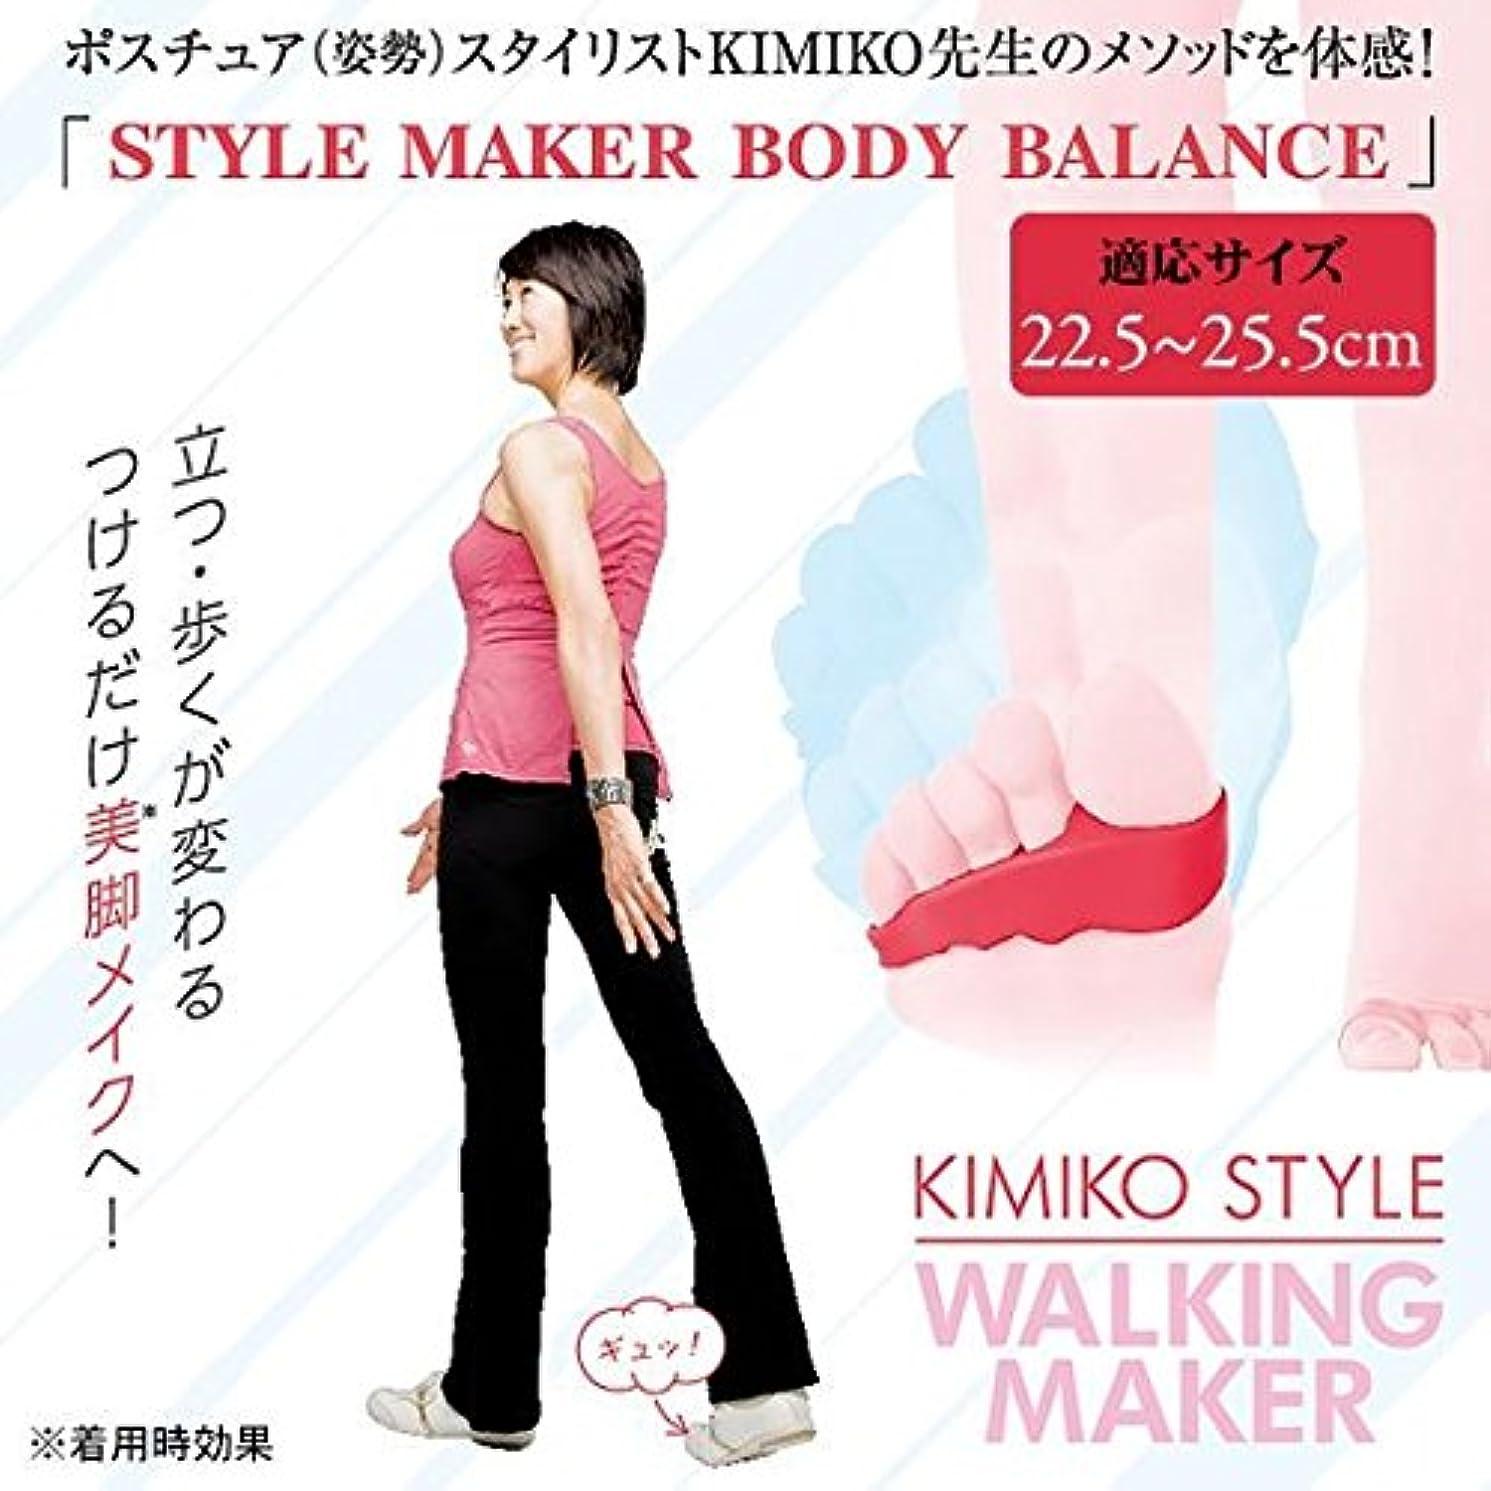 隠されたたくさんのに対処するKIMIKO STYLE(キミコスタイル) WALKING MAKER(ウォーキングメーカー) 1足入